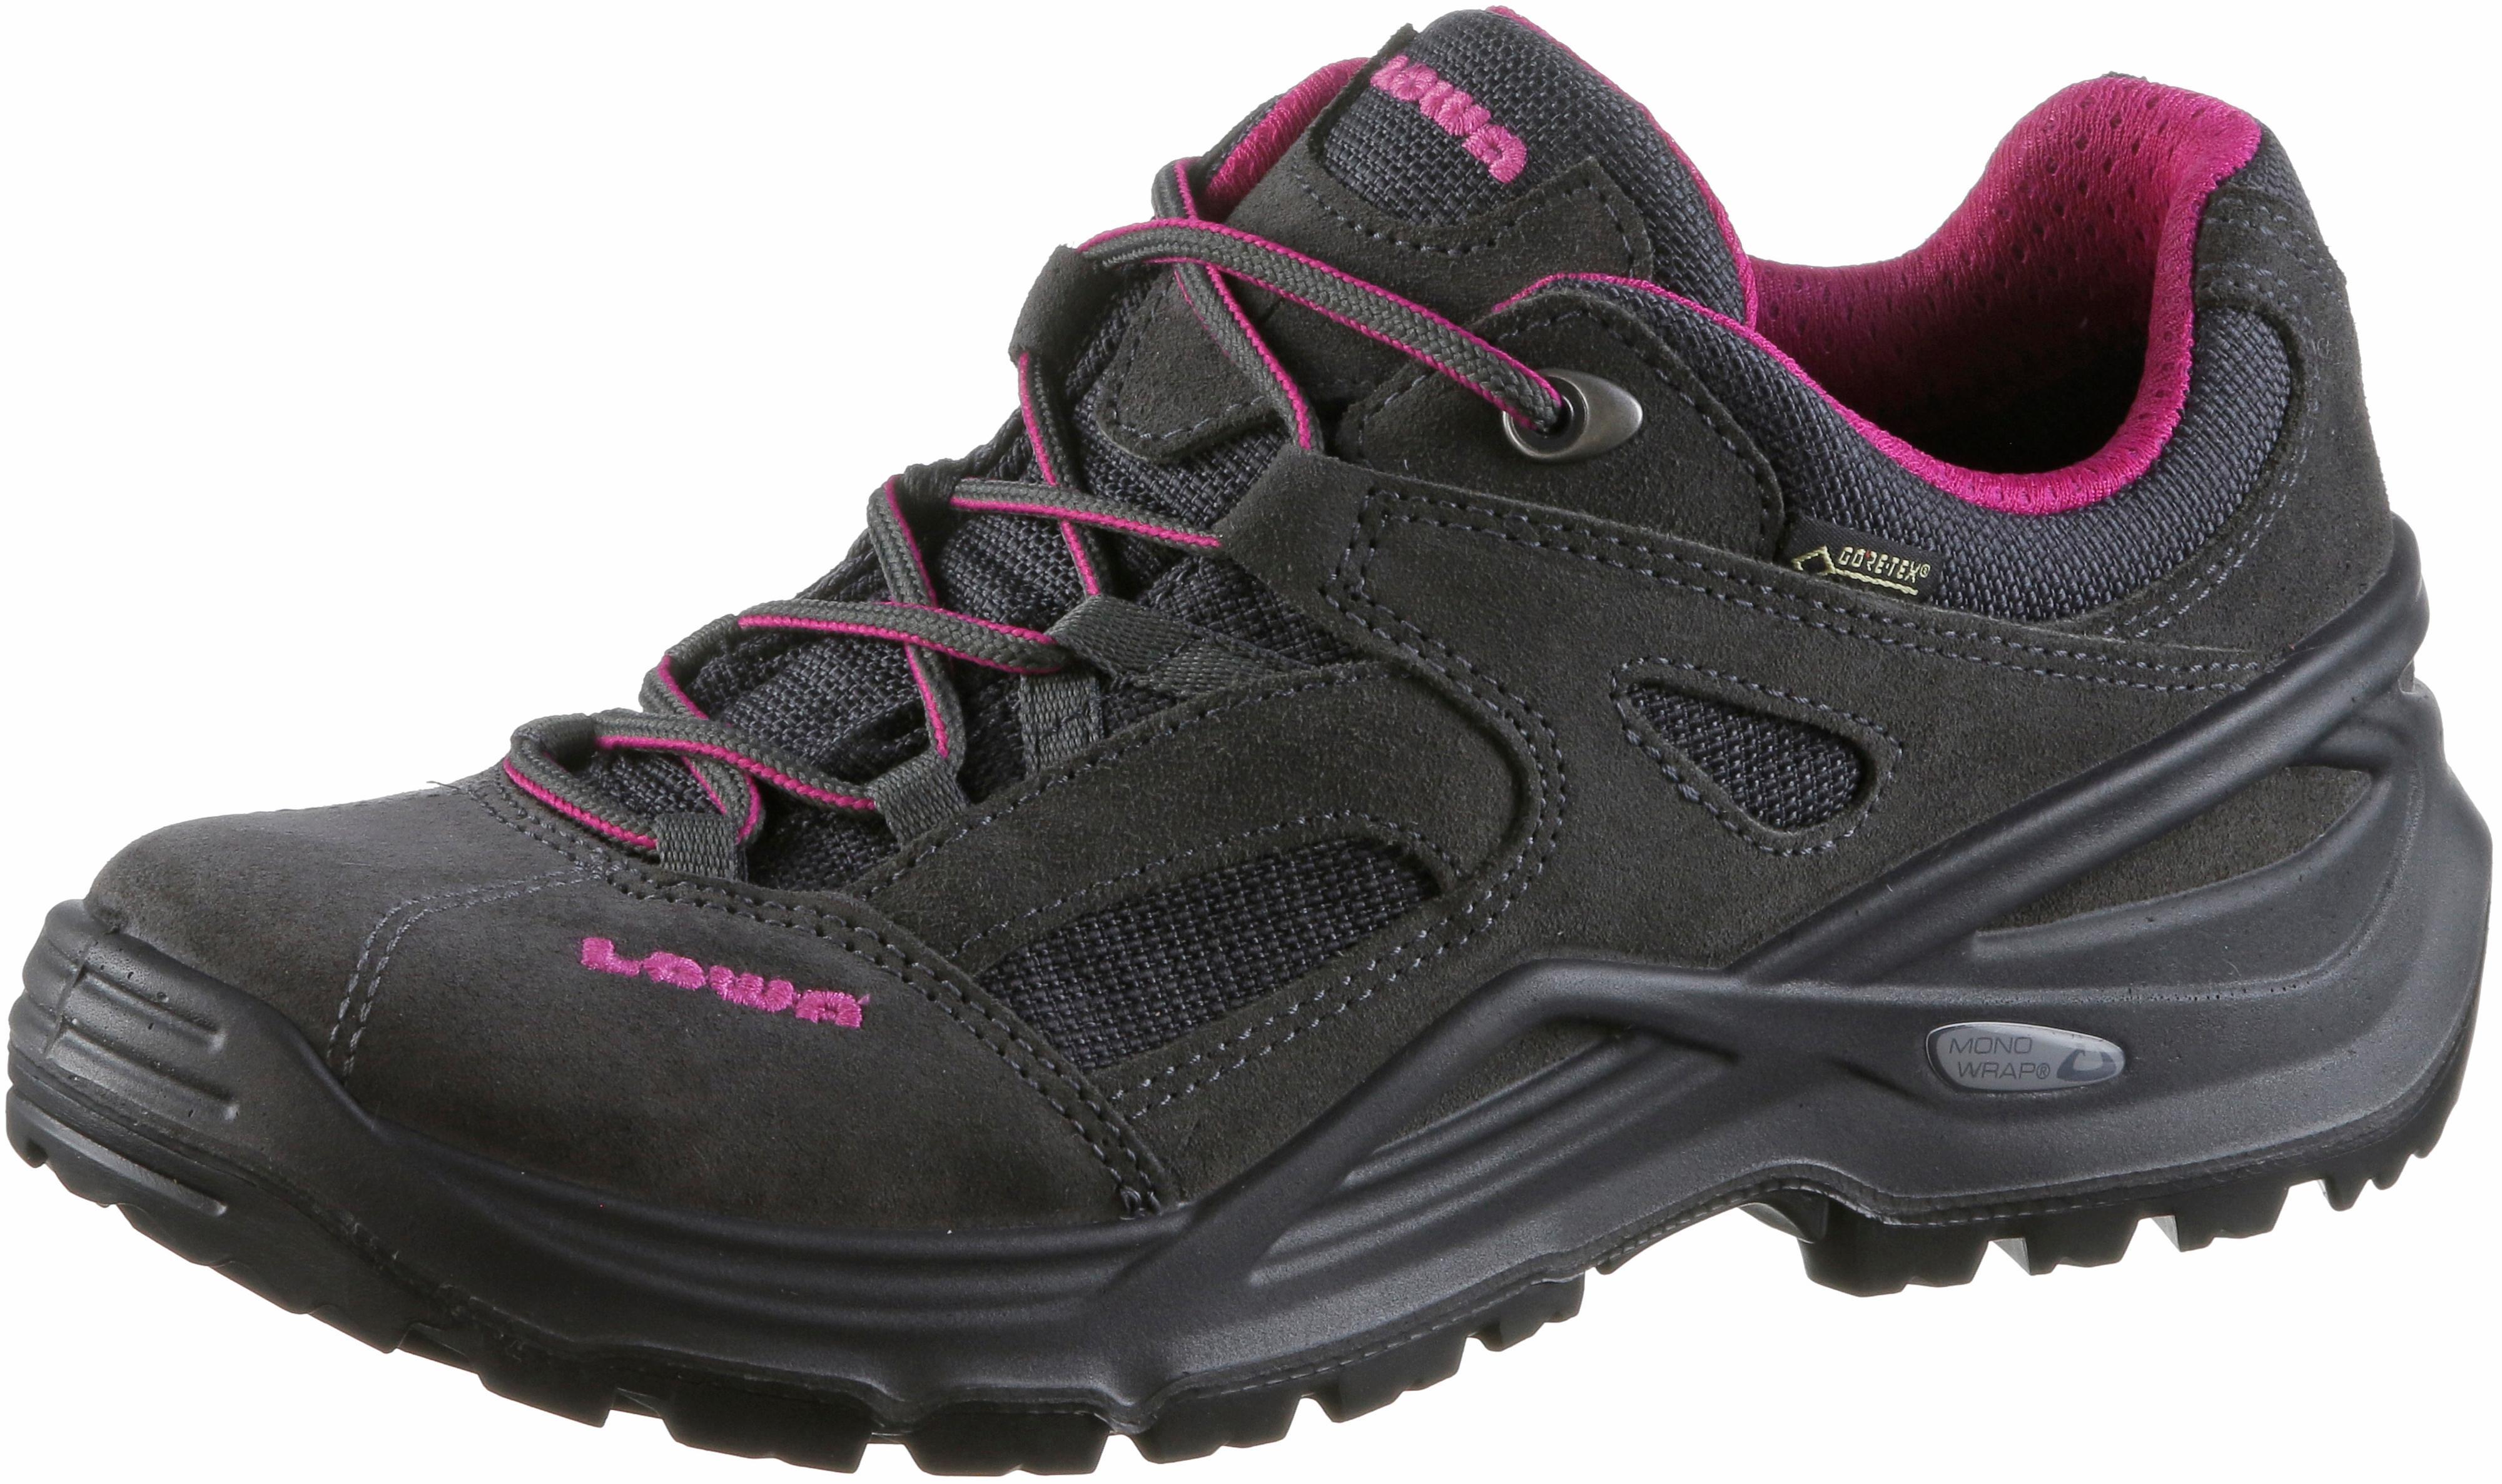 Lowa Sirkos Wanderschuhe Damen anthrazit bordeaux im Online Shop von von von SportScheck kaufen Gute Qualität beliebte Schuhe d06953